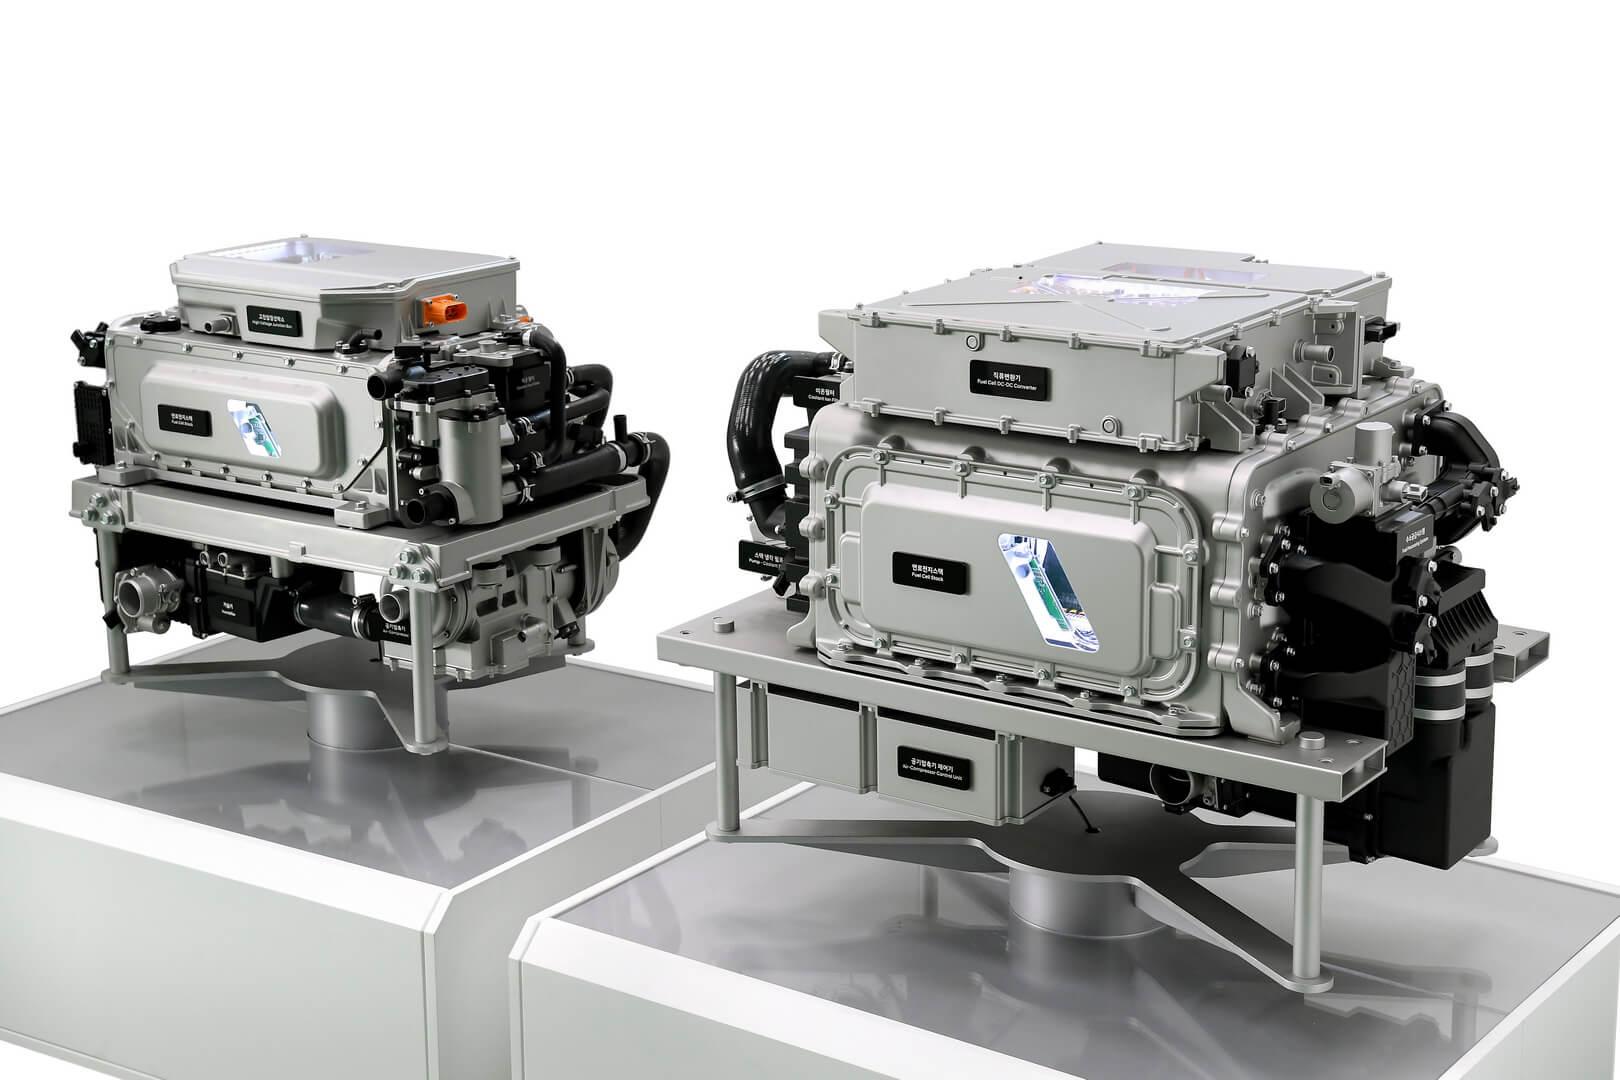 Топливные элементы Hyundai третьего поколения выпускаются в вариантах мощностью 100 и 200 кВт, каждый из которых имеет свои преимущества